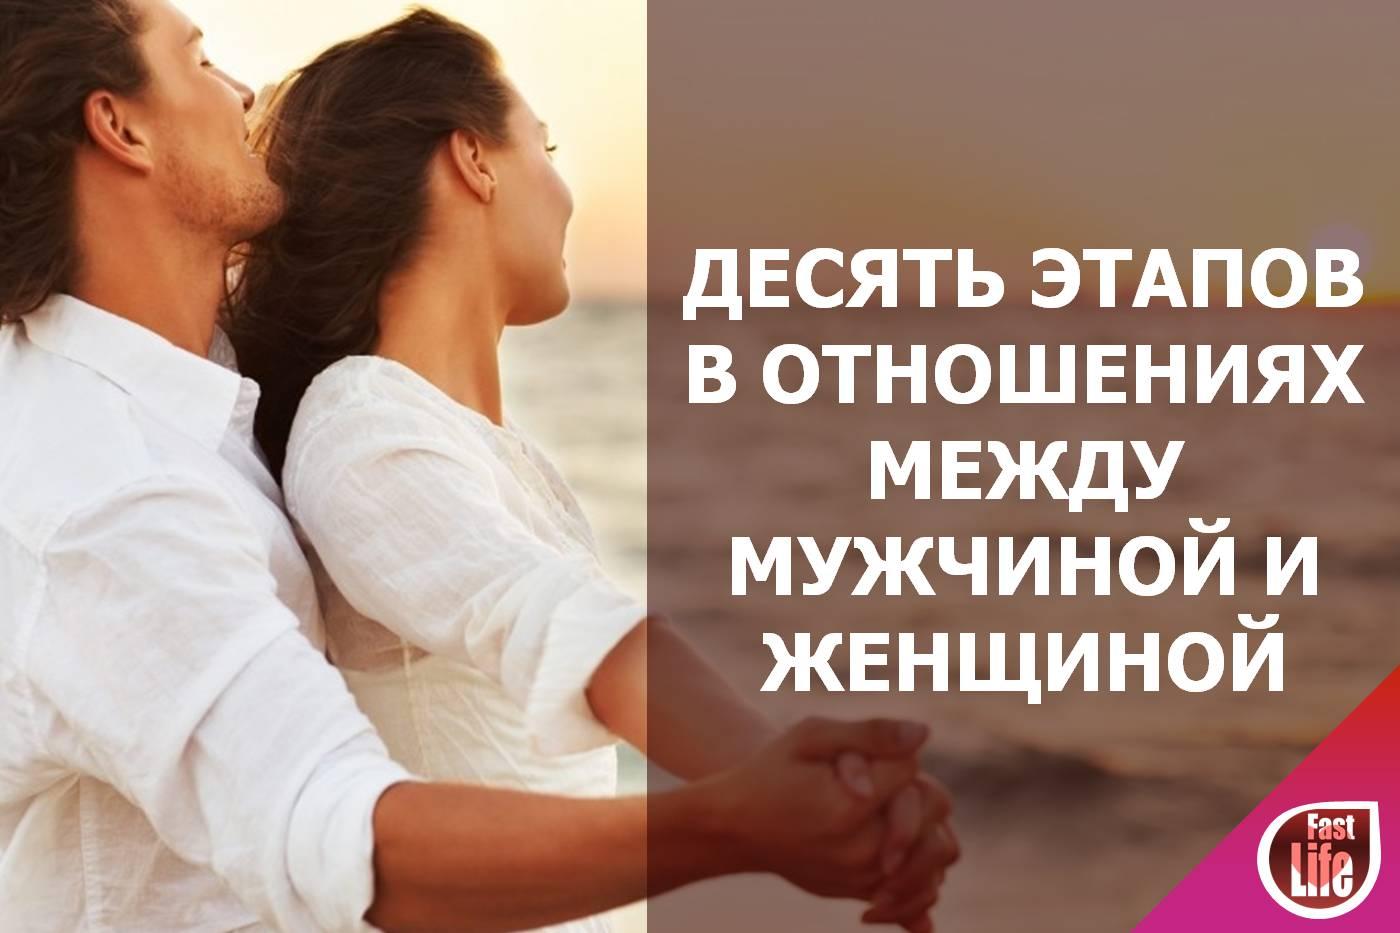 Что такое любовь. признаки влюбленности у мужчин и женщин: как понять, что в тебя влюблены